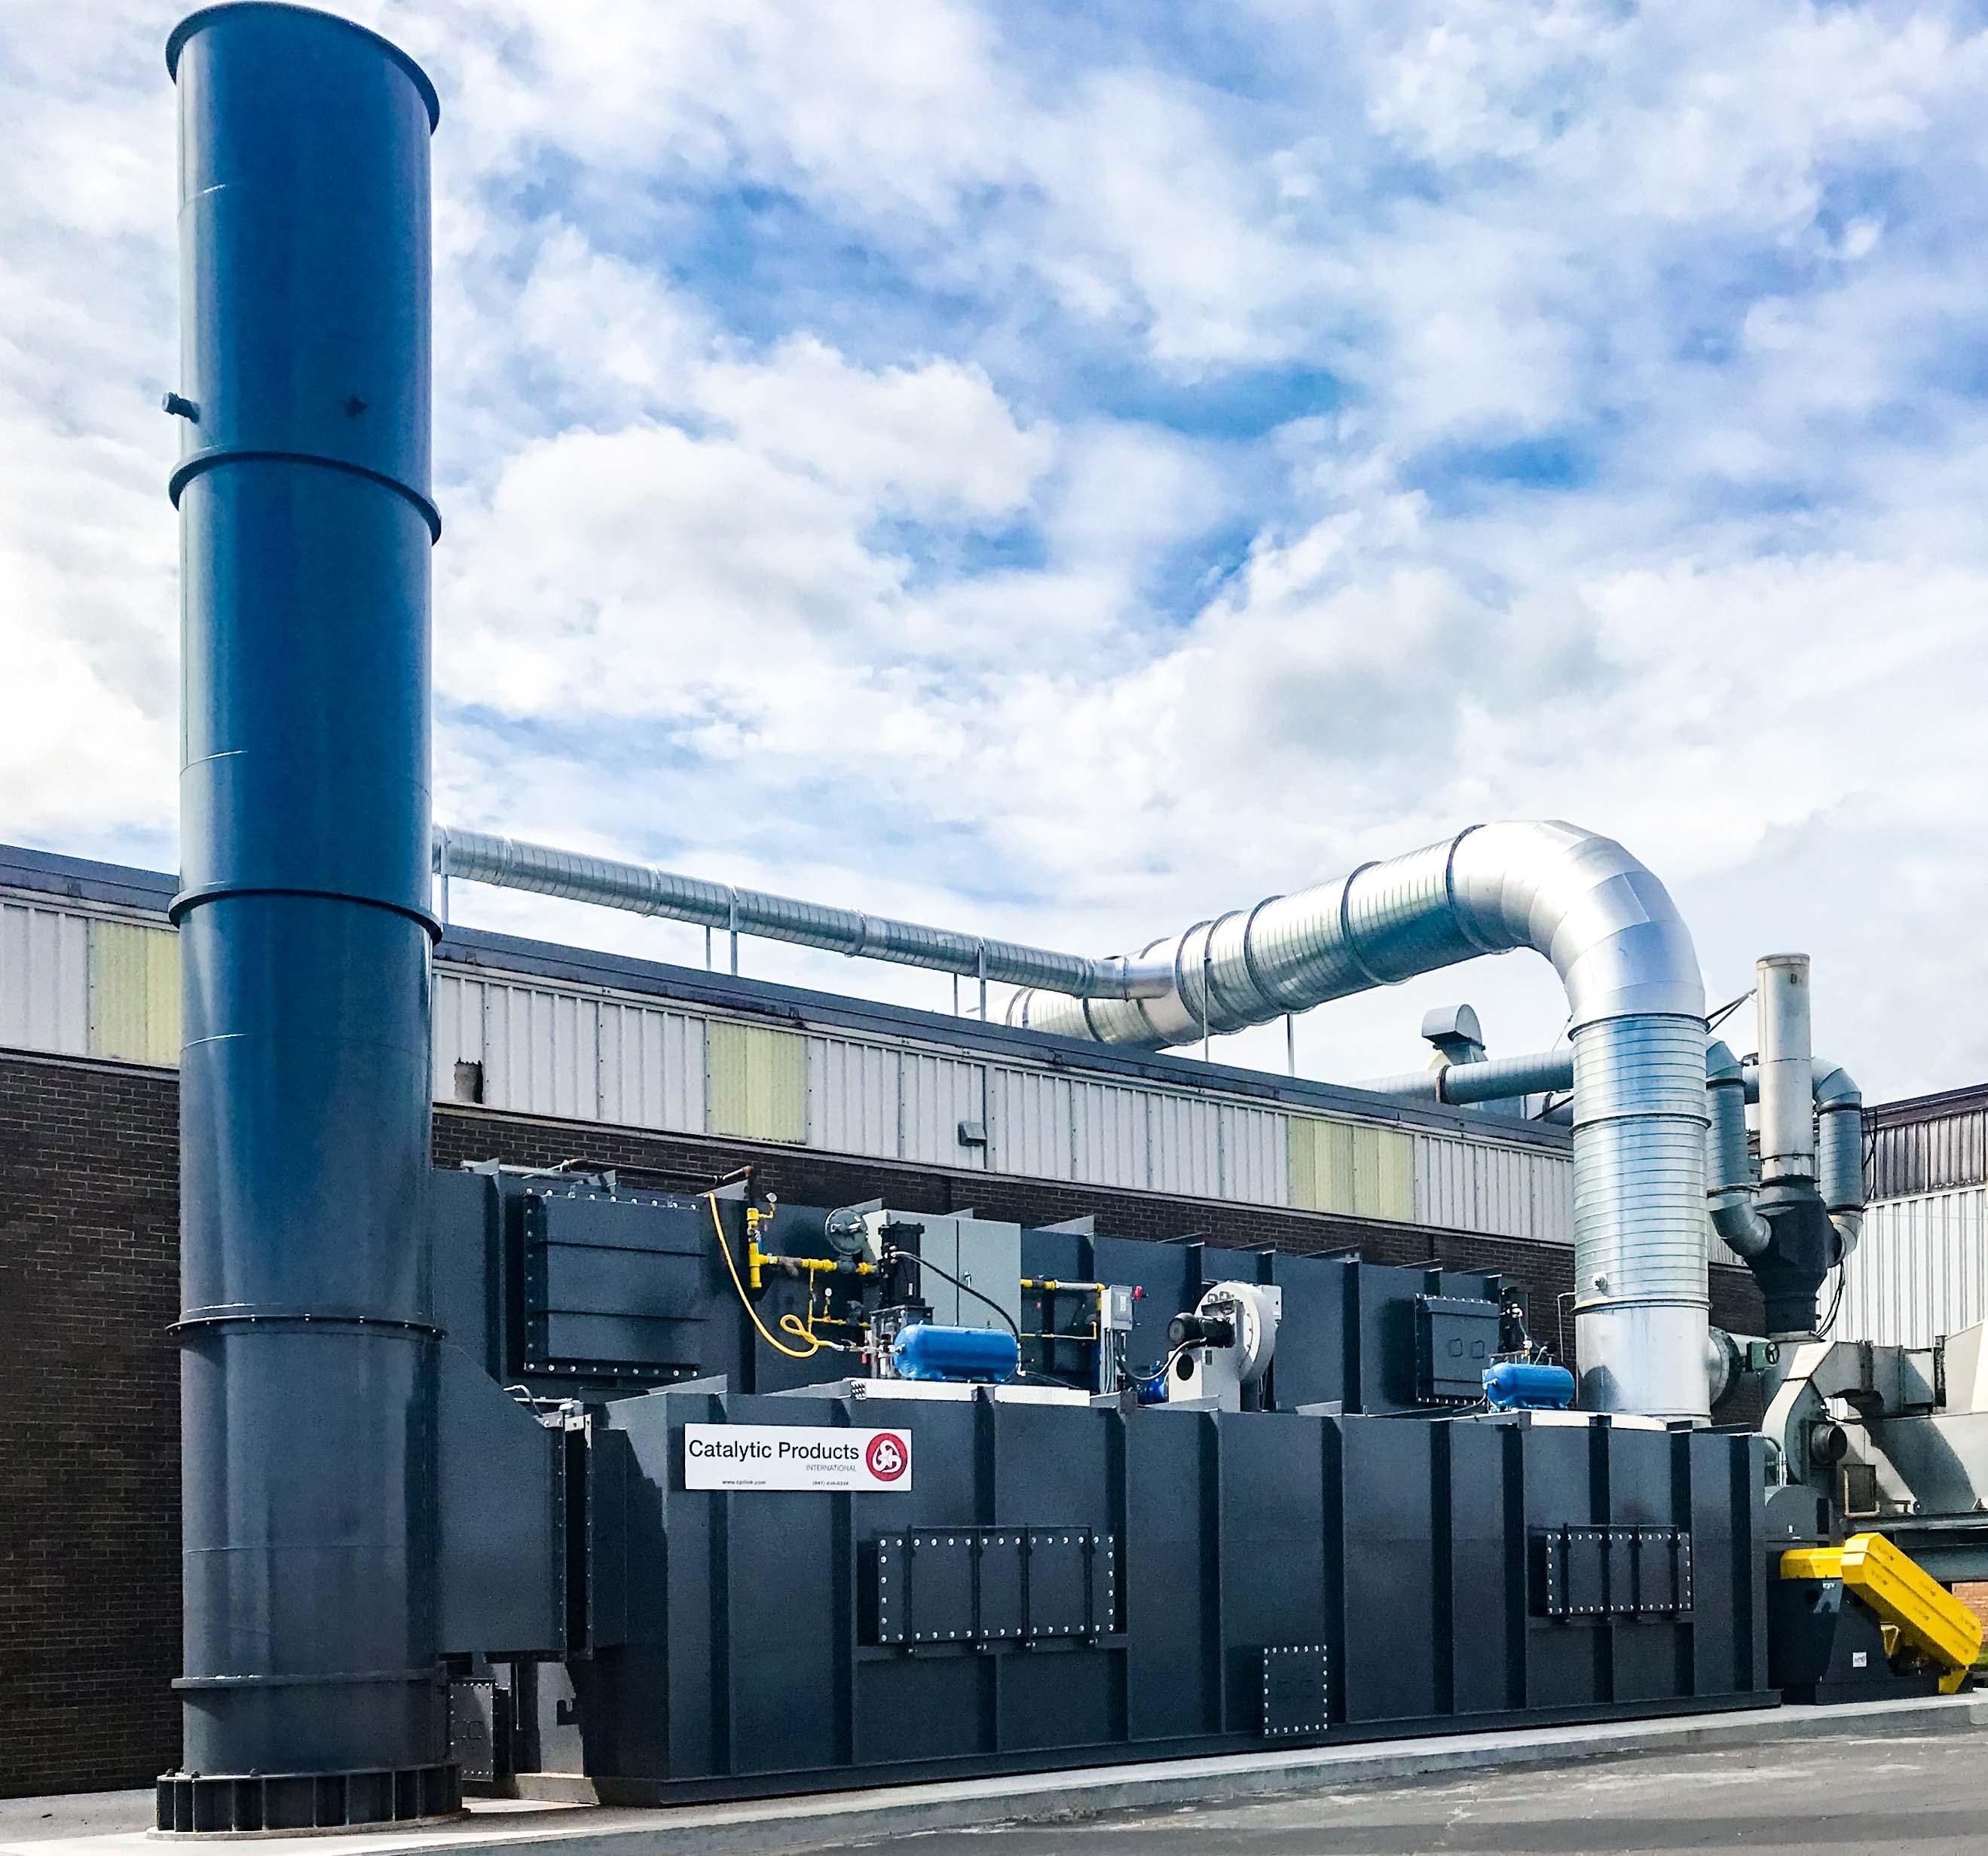 CPI TRITON 35,000 Regenerative Thermal Oxidizer